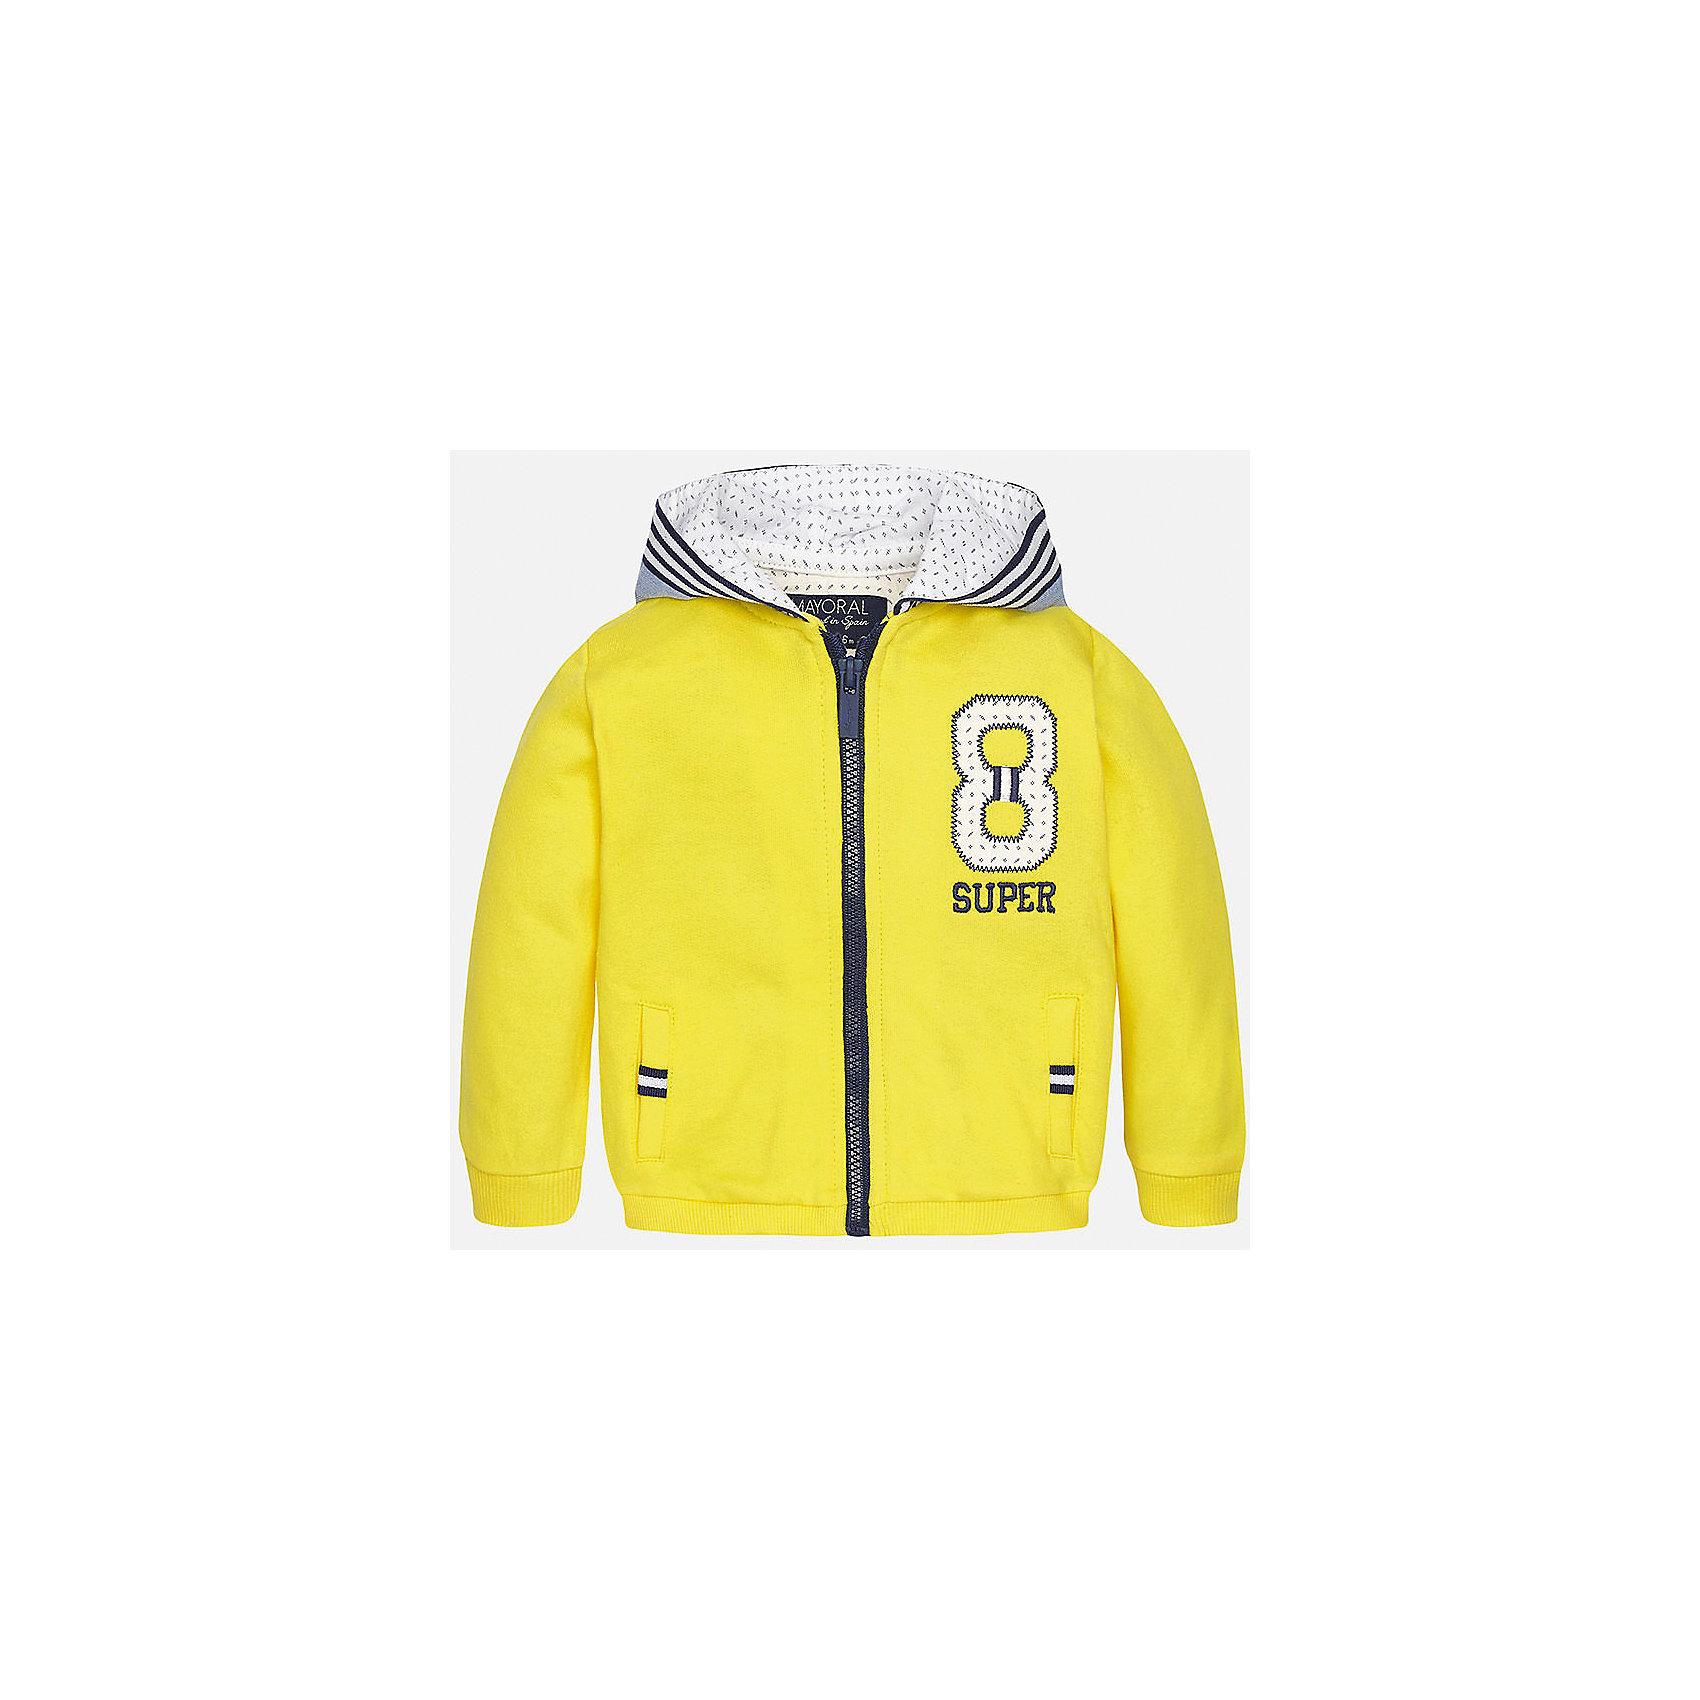 Толстовка для мальчика MayoralТолстовки, свитера, кардиганы<br>Характеристики товара:<br><br>• цвет: желтый<br>• состав: 100% хлопок<br>• рукава длинные <br>• карманы<br>• молния<br>• капюшон<br>• страна бренда: Испания<br><br>Удобная модная куртка для мальчика поможет разнообразить гардероб ребенка и обеспечить тепло. Она отлично сочетается и с джинсами, и с брюками. Универсальный цвет позволяет подобрать к вещи низ различных расцветок. Интересная отделка модели делает её нарядной и оригинальной. В составе материала - только натуральный хлопок, гипоаллергенный, приятный на ощупь, дышащий.<br><br>Одежда, обувь и аксессуары от испанского бренда Mayoral полюбились детям и взрослым по всему миру. Модели этой марки - стильные и удобные. Для их производства используются только безопасные, качественные материалы и фурнитура. Порадуйте ребенка модными и красивыми вещами от Mayoral! <br><br>Куртку для мальчика от испанского бренда Mayoral (Майорал) можно купить в нашем интернет-магазине.<br><br>Ширина мм: 356<br>Глубина мм: 10<br>Высота мм: 245<br>Вес г: 519<br>Цвет: желтый<br>Возраст от месяцев: 12<br>Возраст до месяцев: 15<br>Пол: Мужской<br>Возраст: Детский<br>Размер: 80,86,92<br>SKU: 5279580